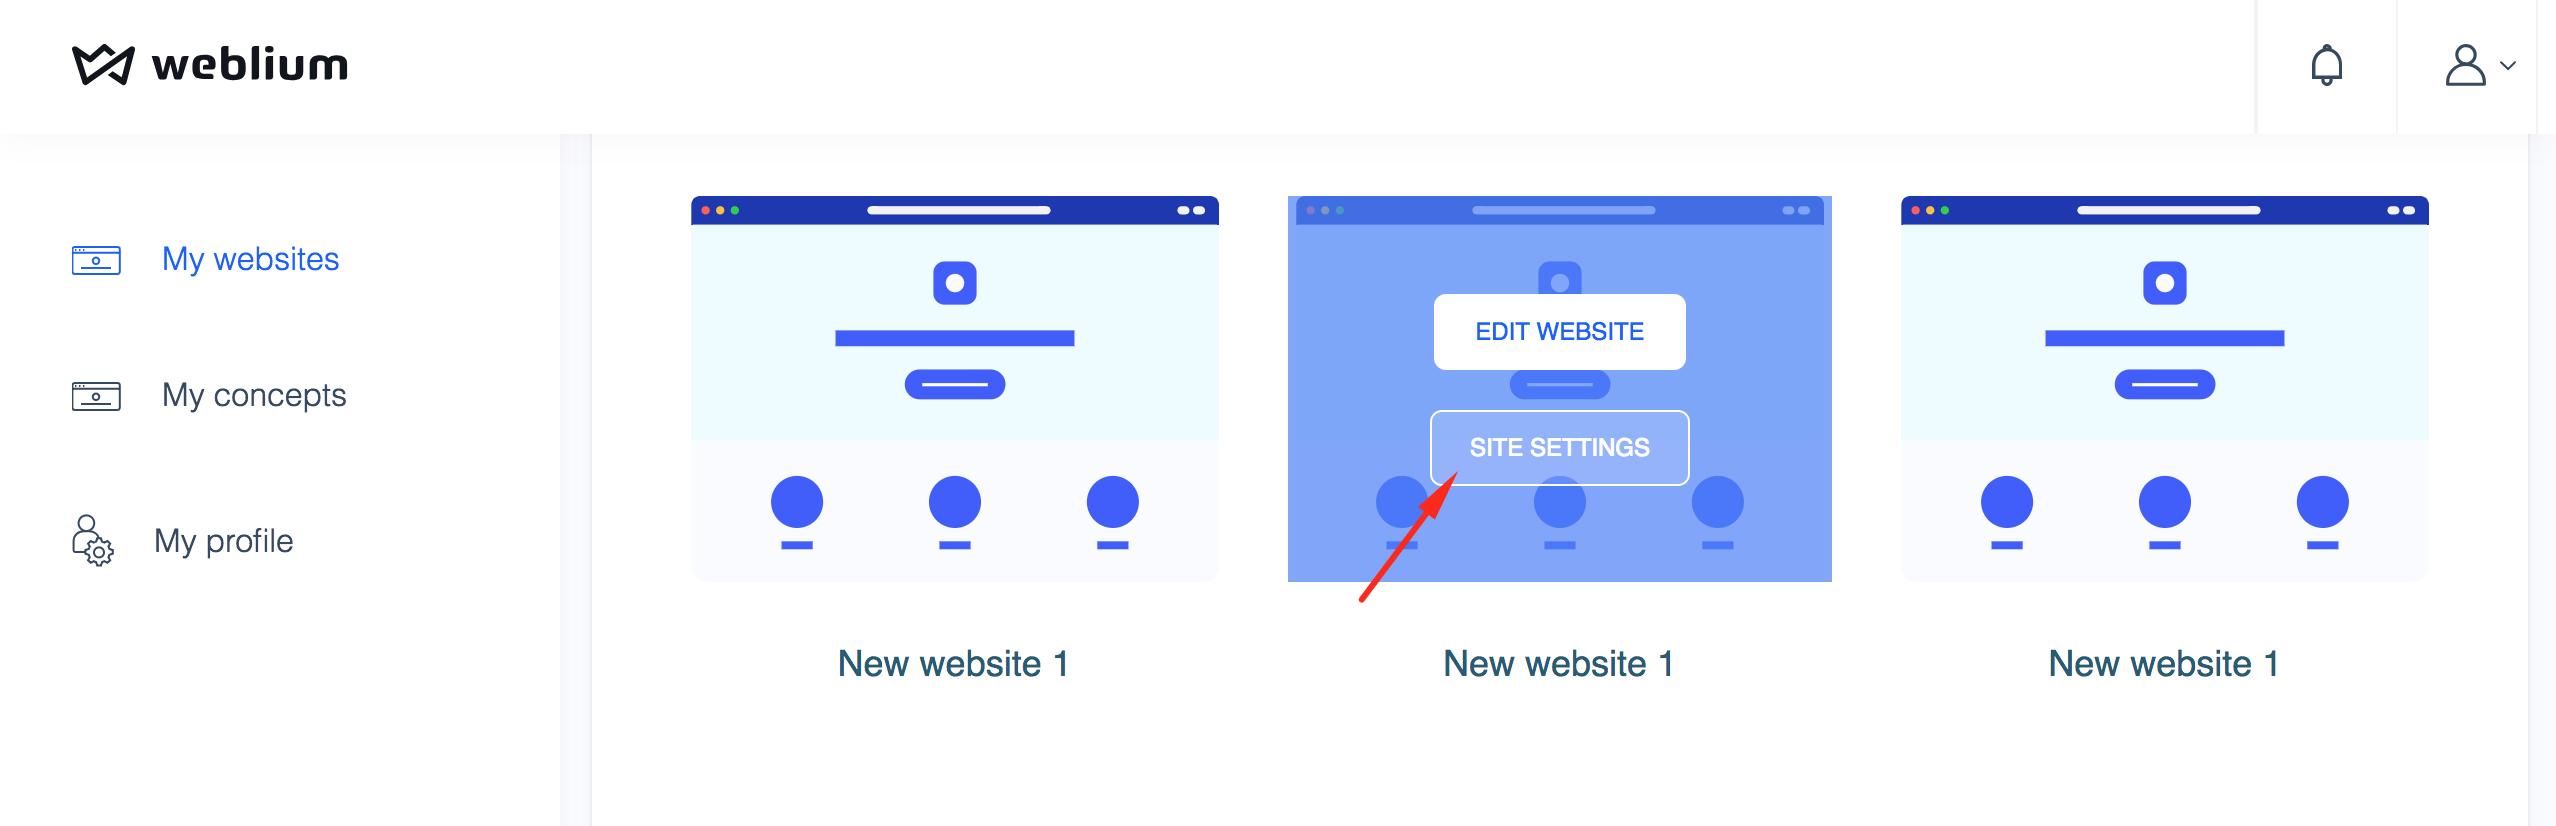 Go to site settings from My Websites menu - Weblium